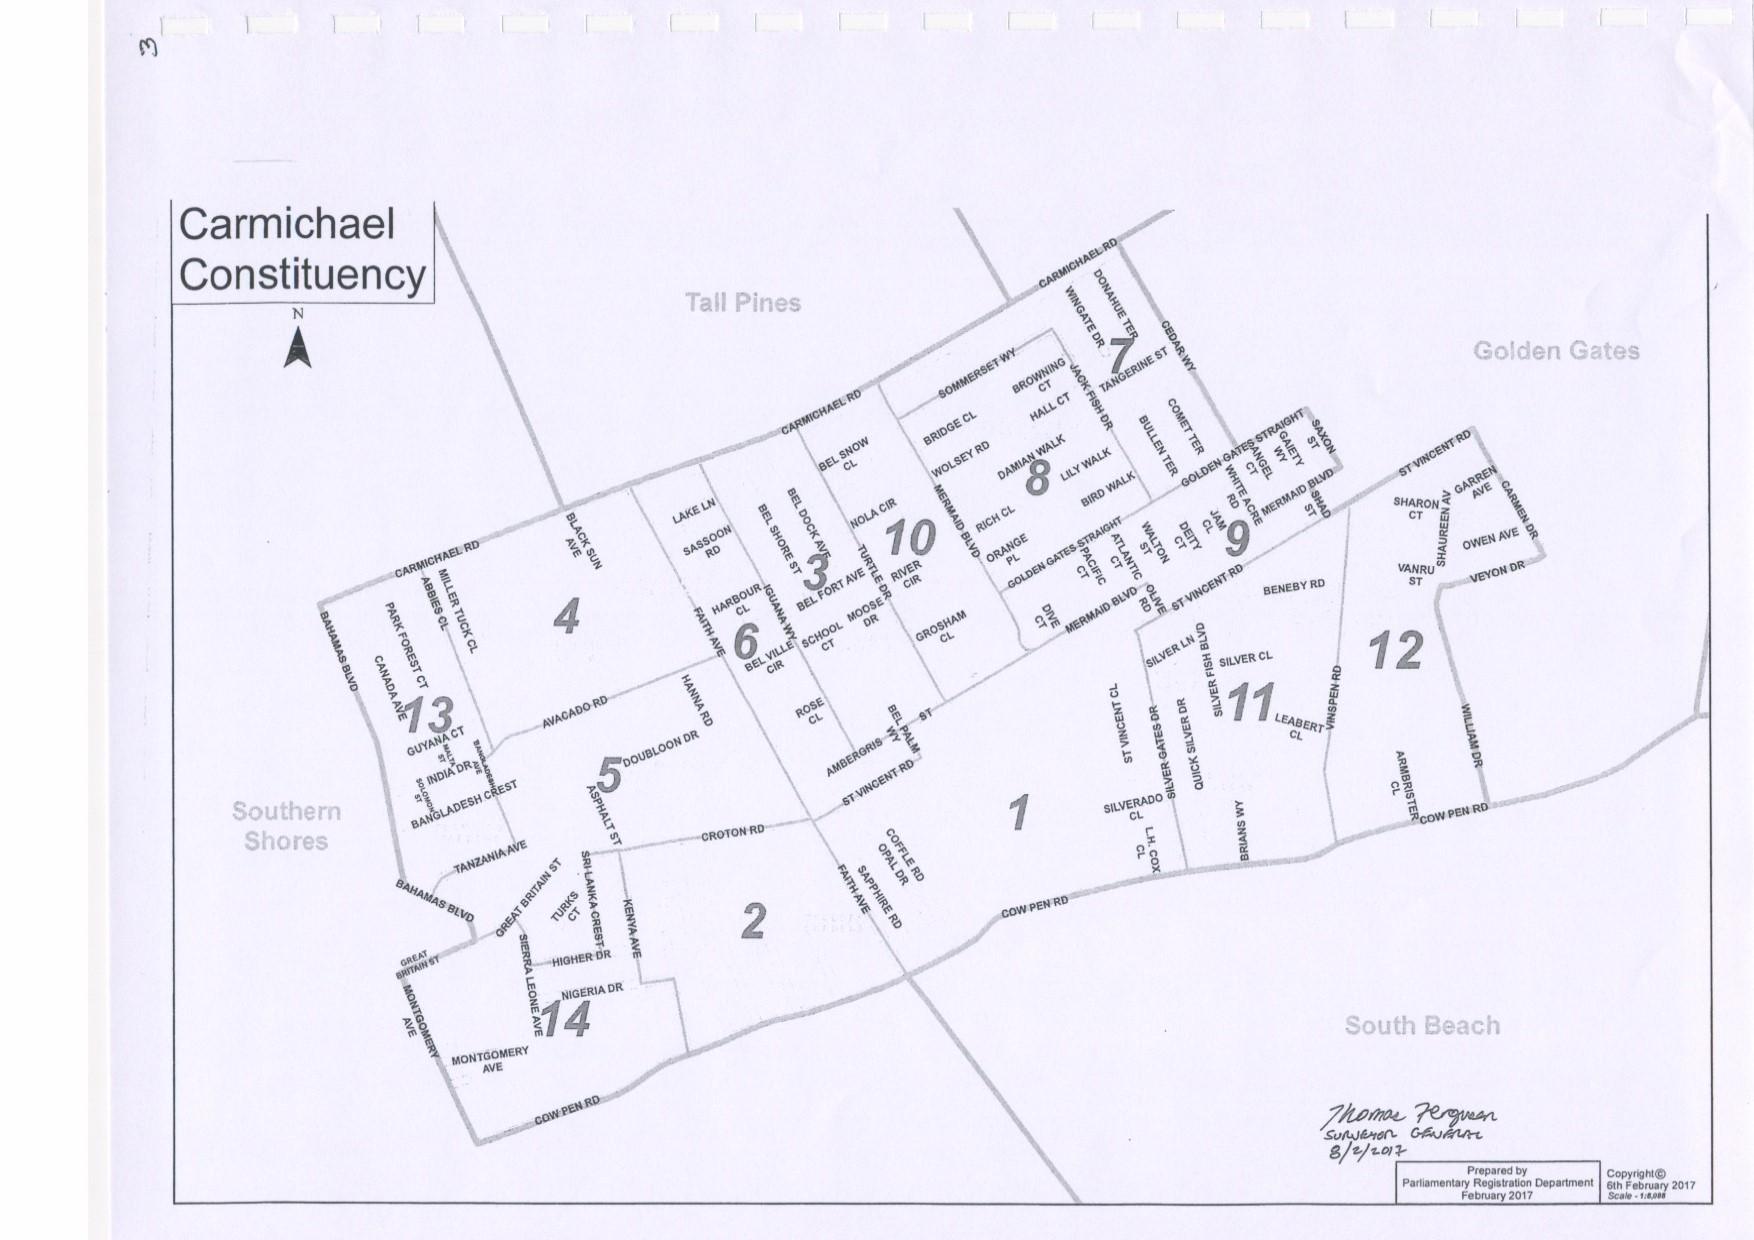 Carmichael Constituency 2017